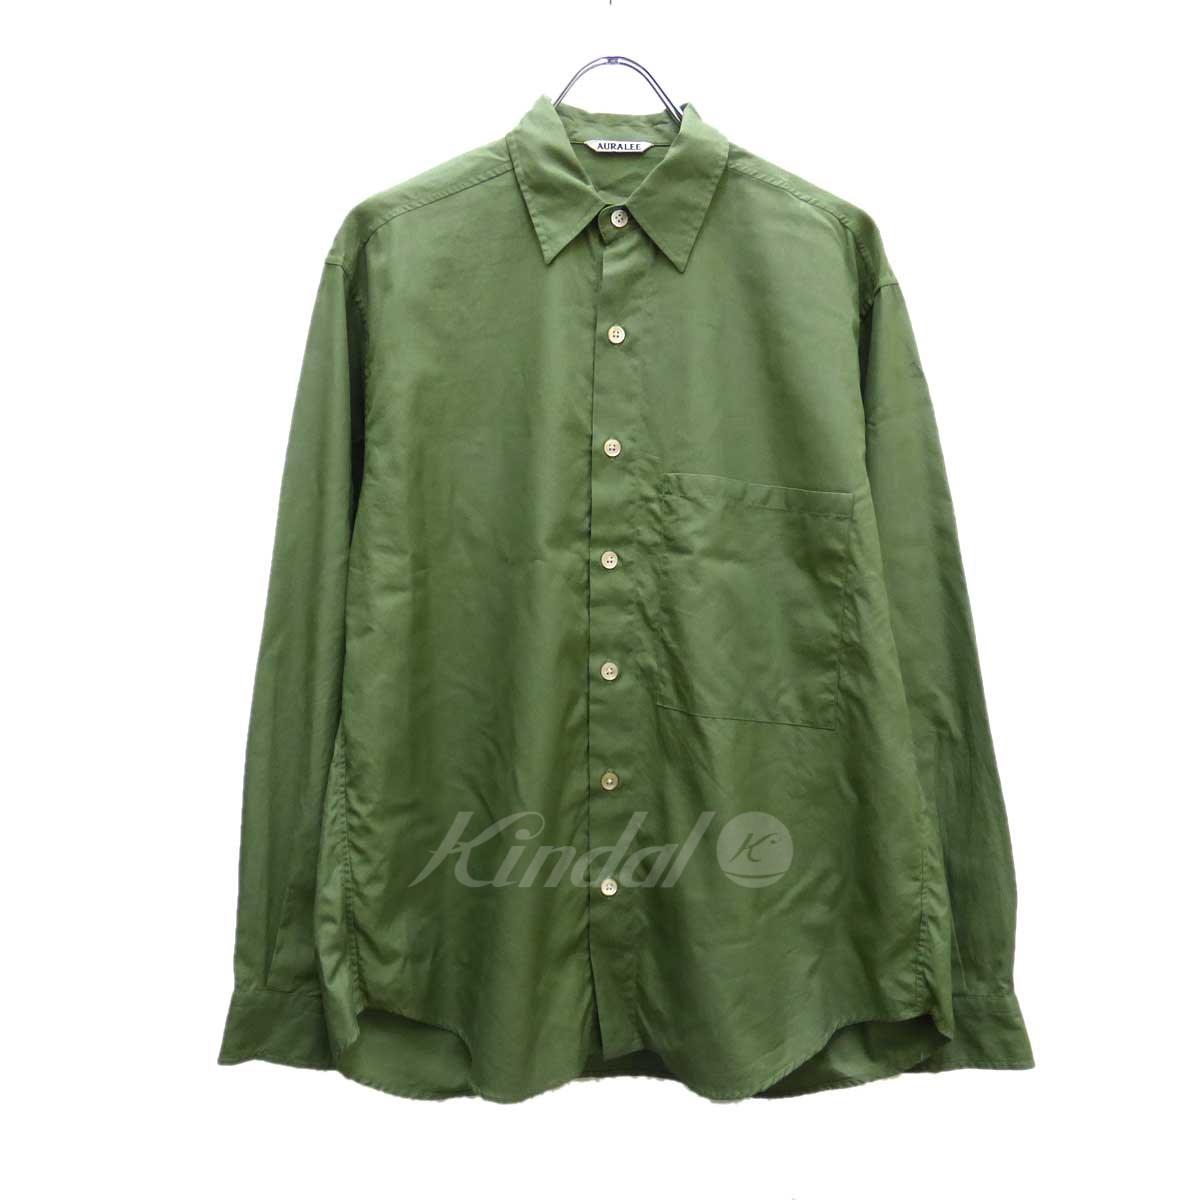 【中古】AURALEE WASHED FINX TWILL CPO シャツ カーキ サイズ:1 【送料無料】 【140918】(オーラリー)